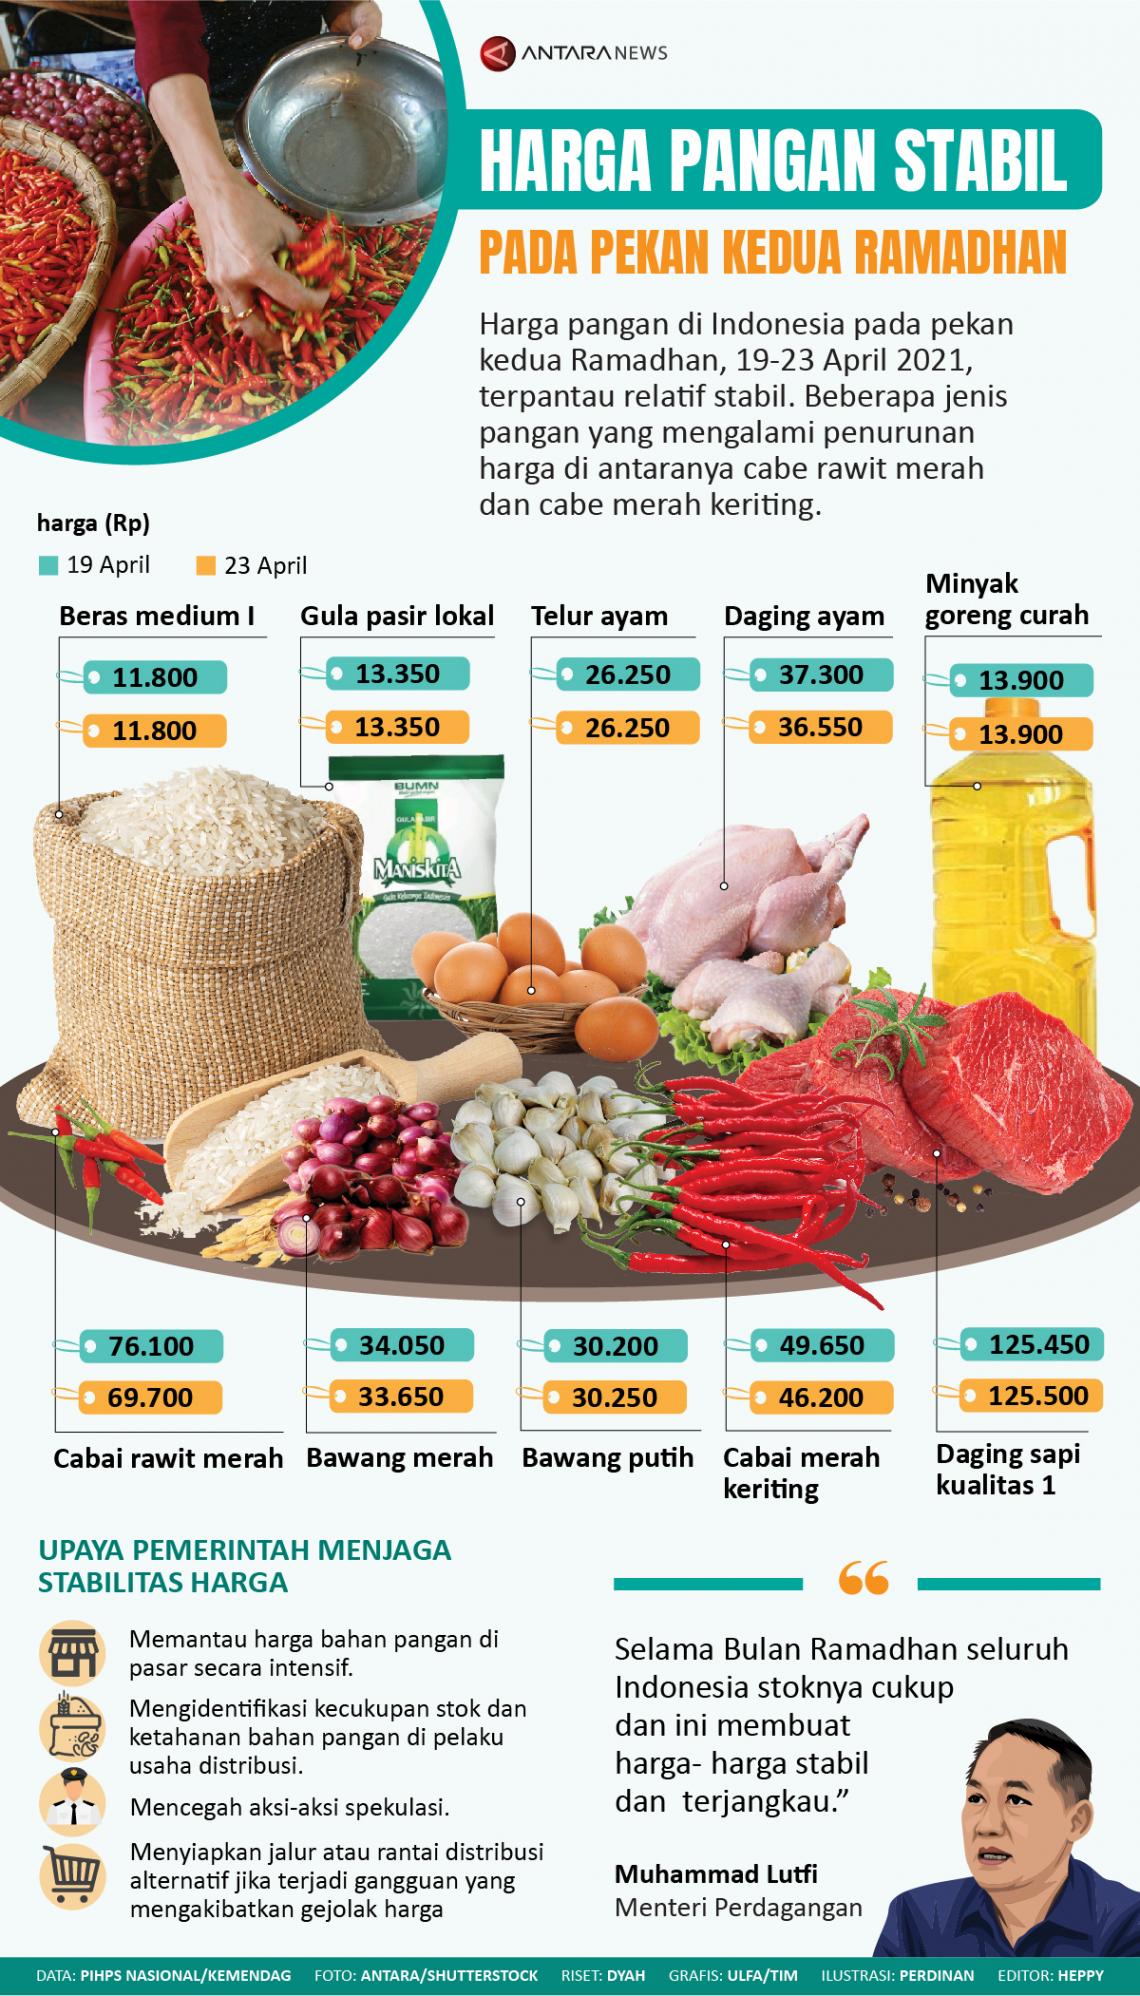 Harga pangan stabil pada pekan kedua Ramadhan